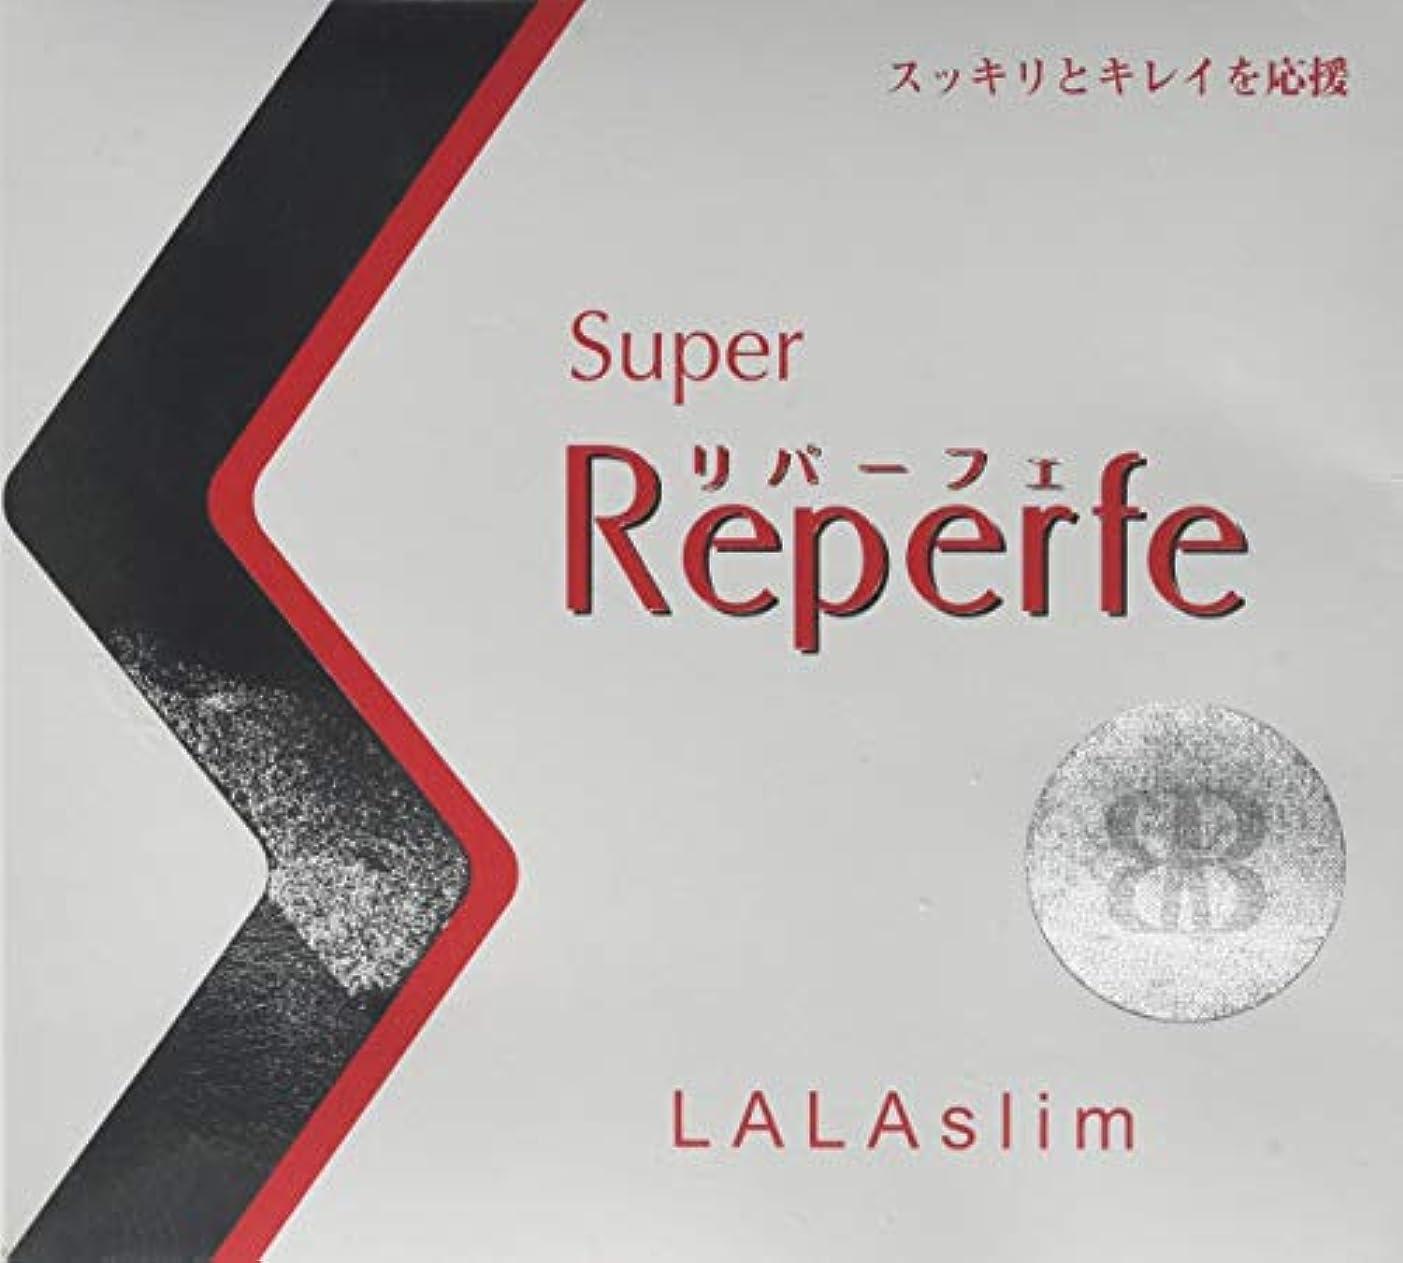 名誉ある解く告白するスーパーリパーフェ ララスリム 錠剤タイプ×5箱